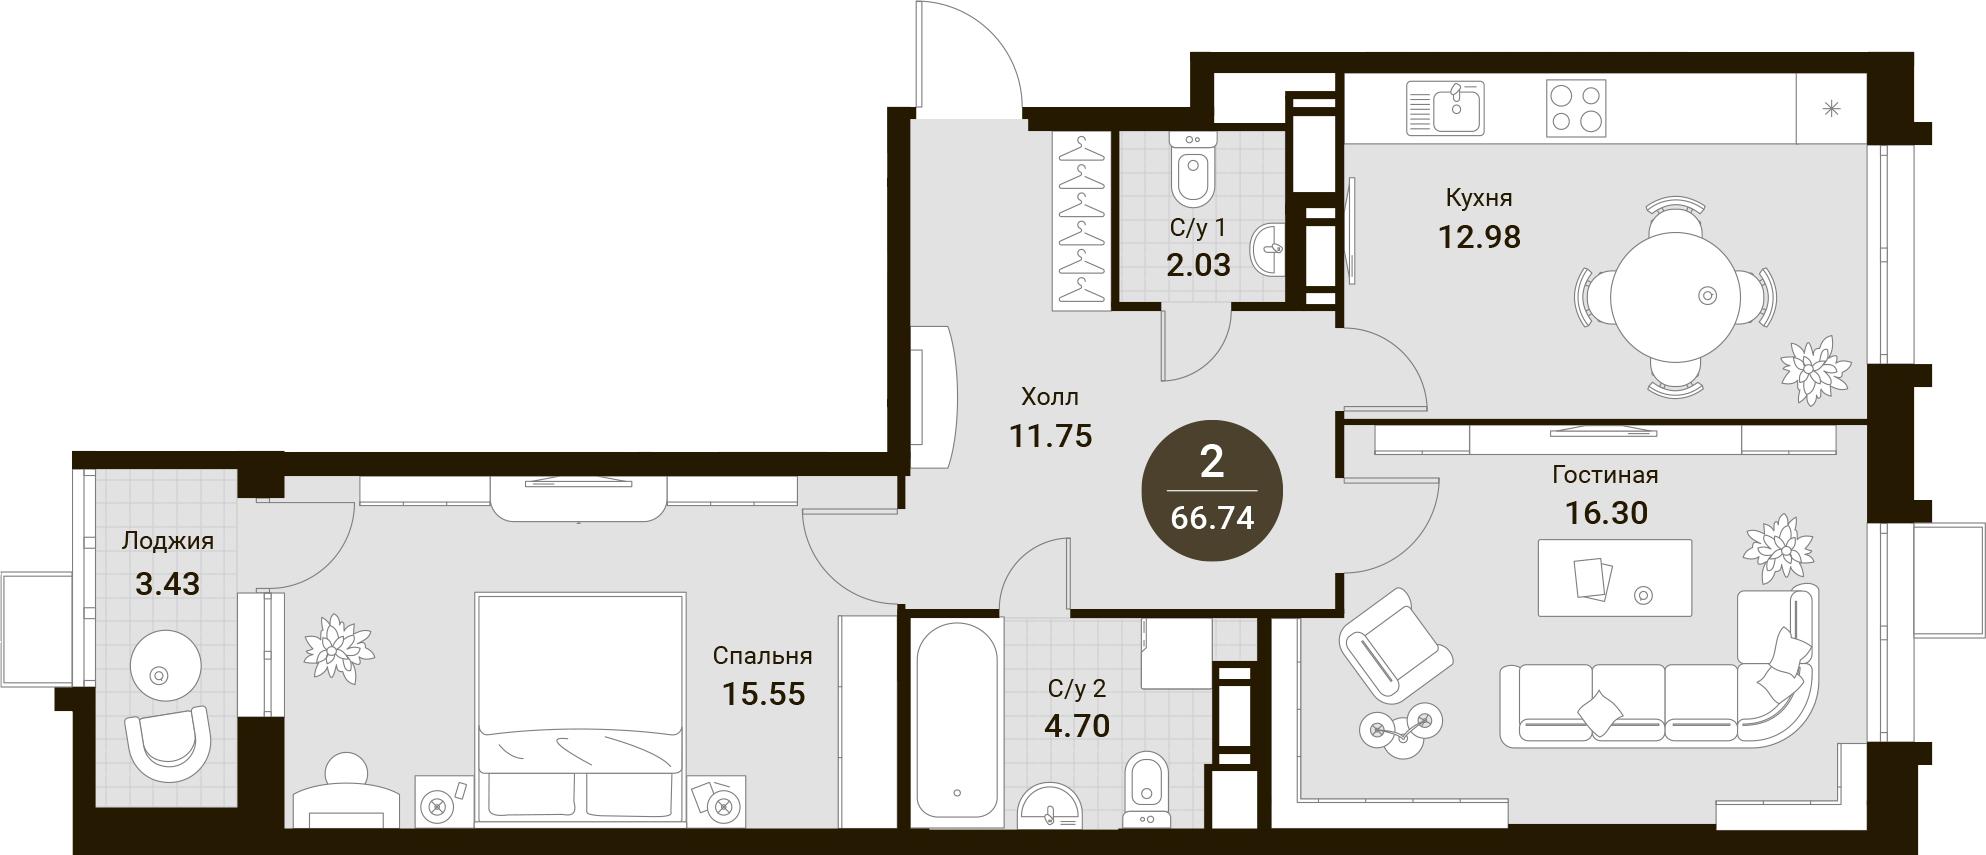 2-комнатная, 66.74 м²– 2